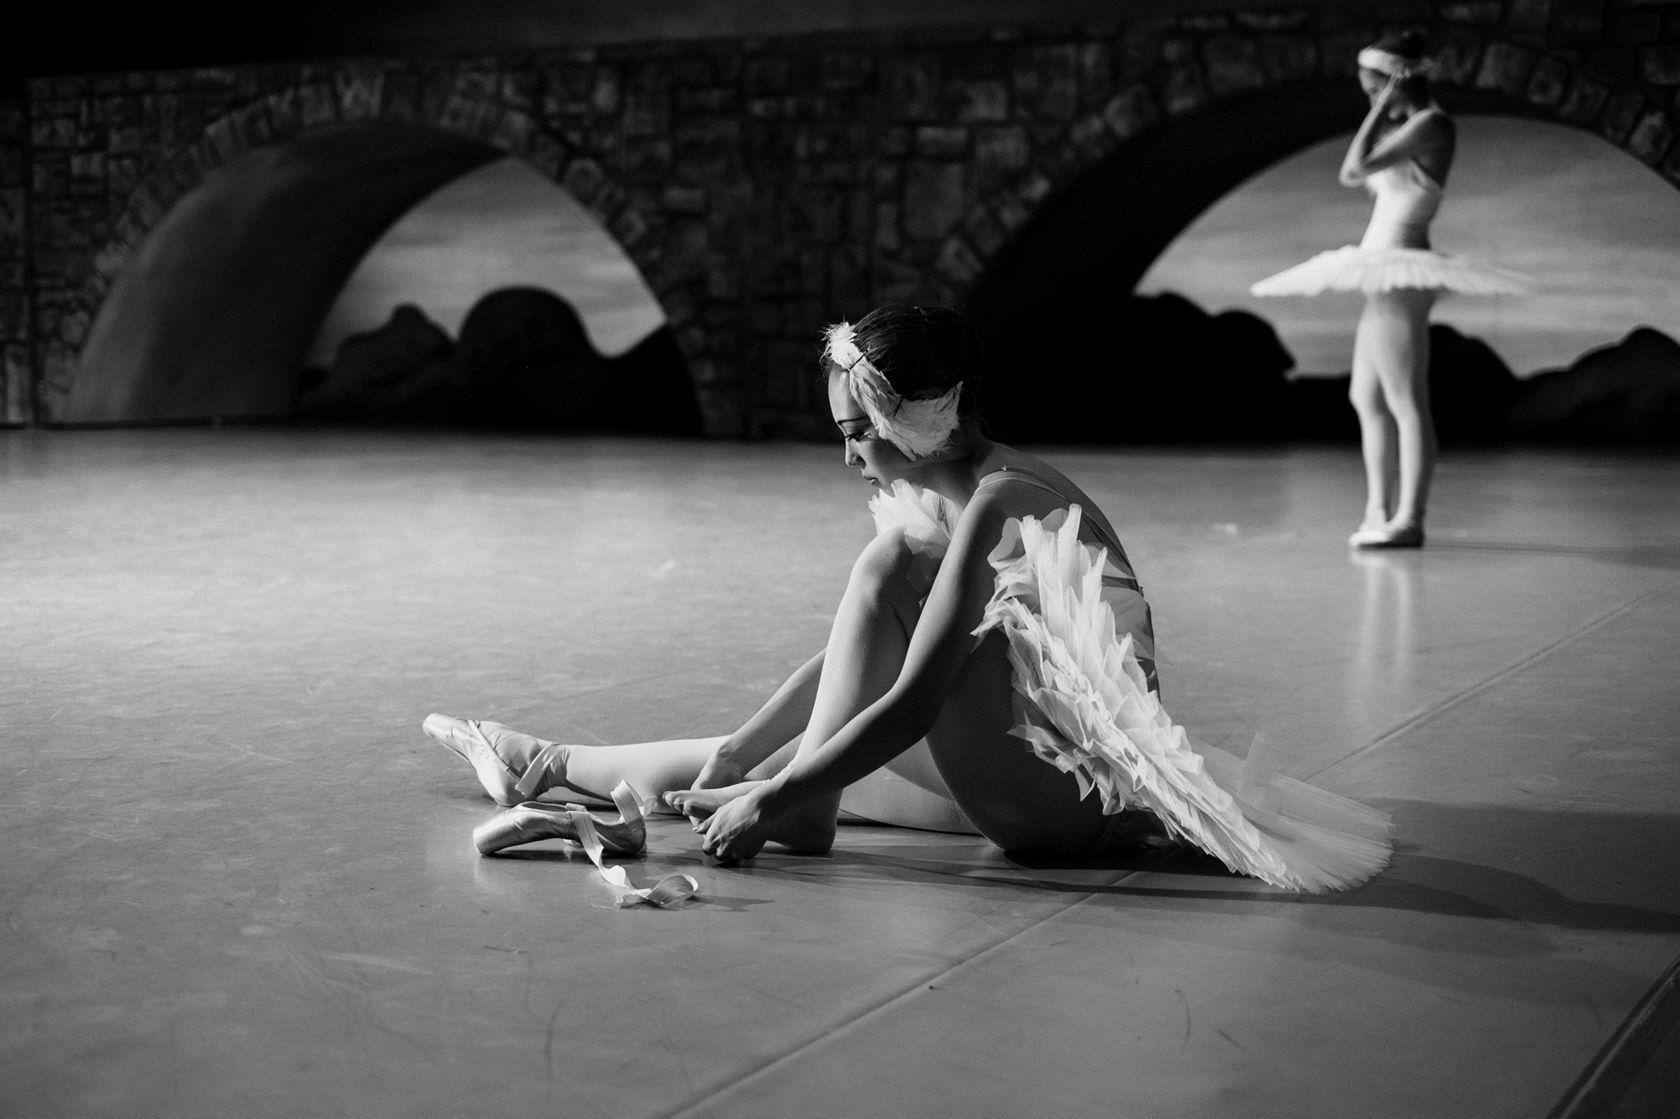 во владивостоке у проститутки есть балет